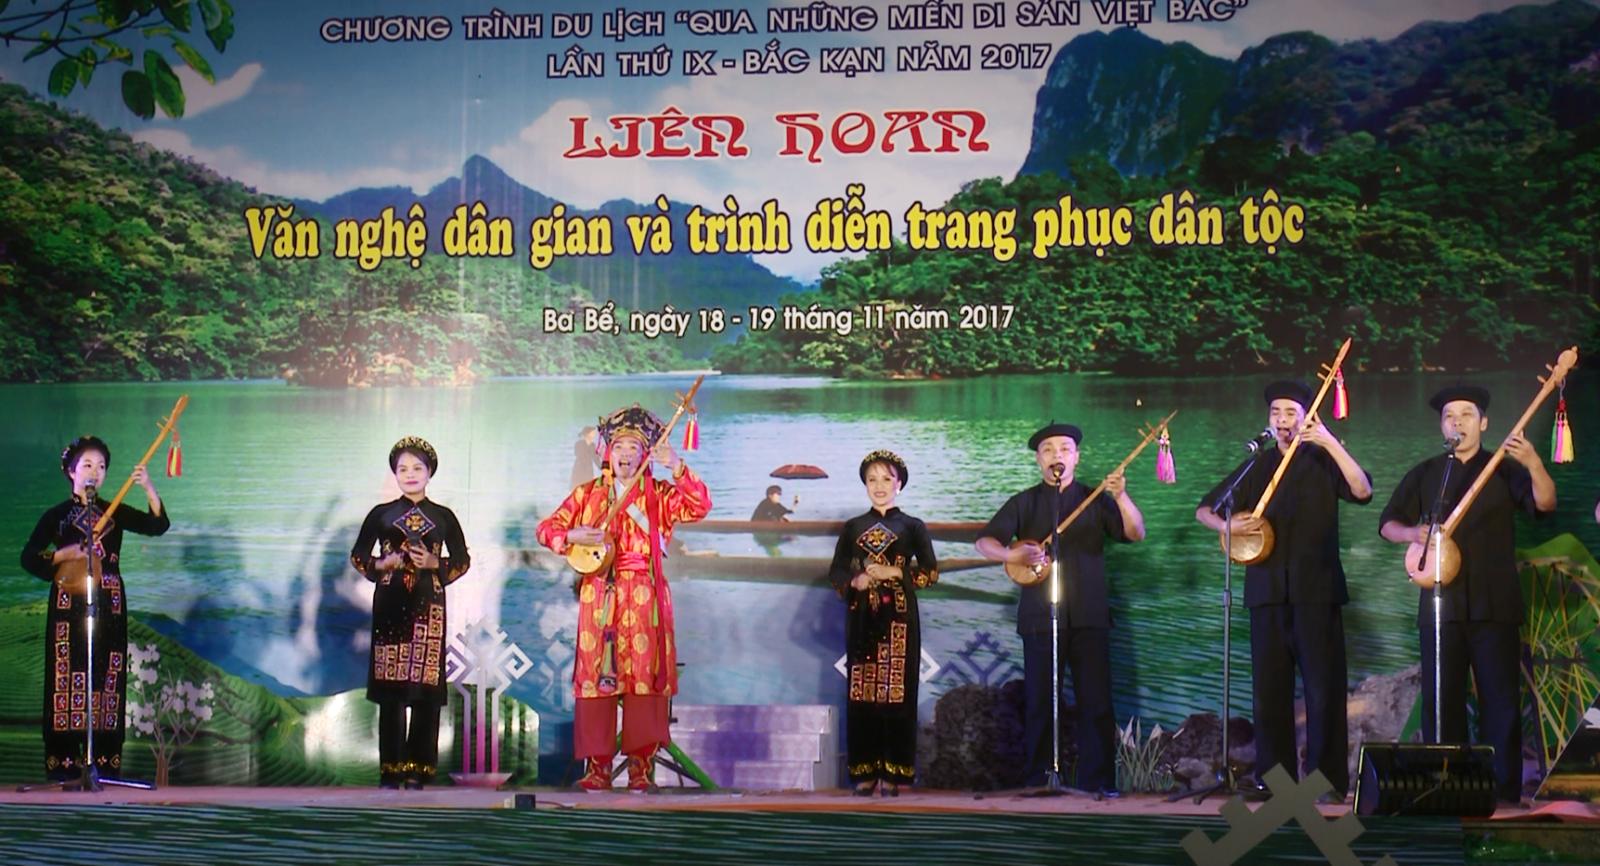 Sắc màu văn hóa trong liên hoan văn nghệ dân gian và trình diễn trang phục dân tộc vùng Việt Bắc